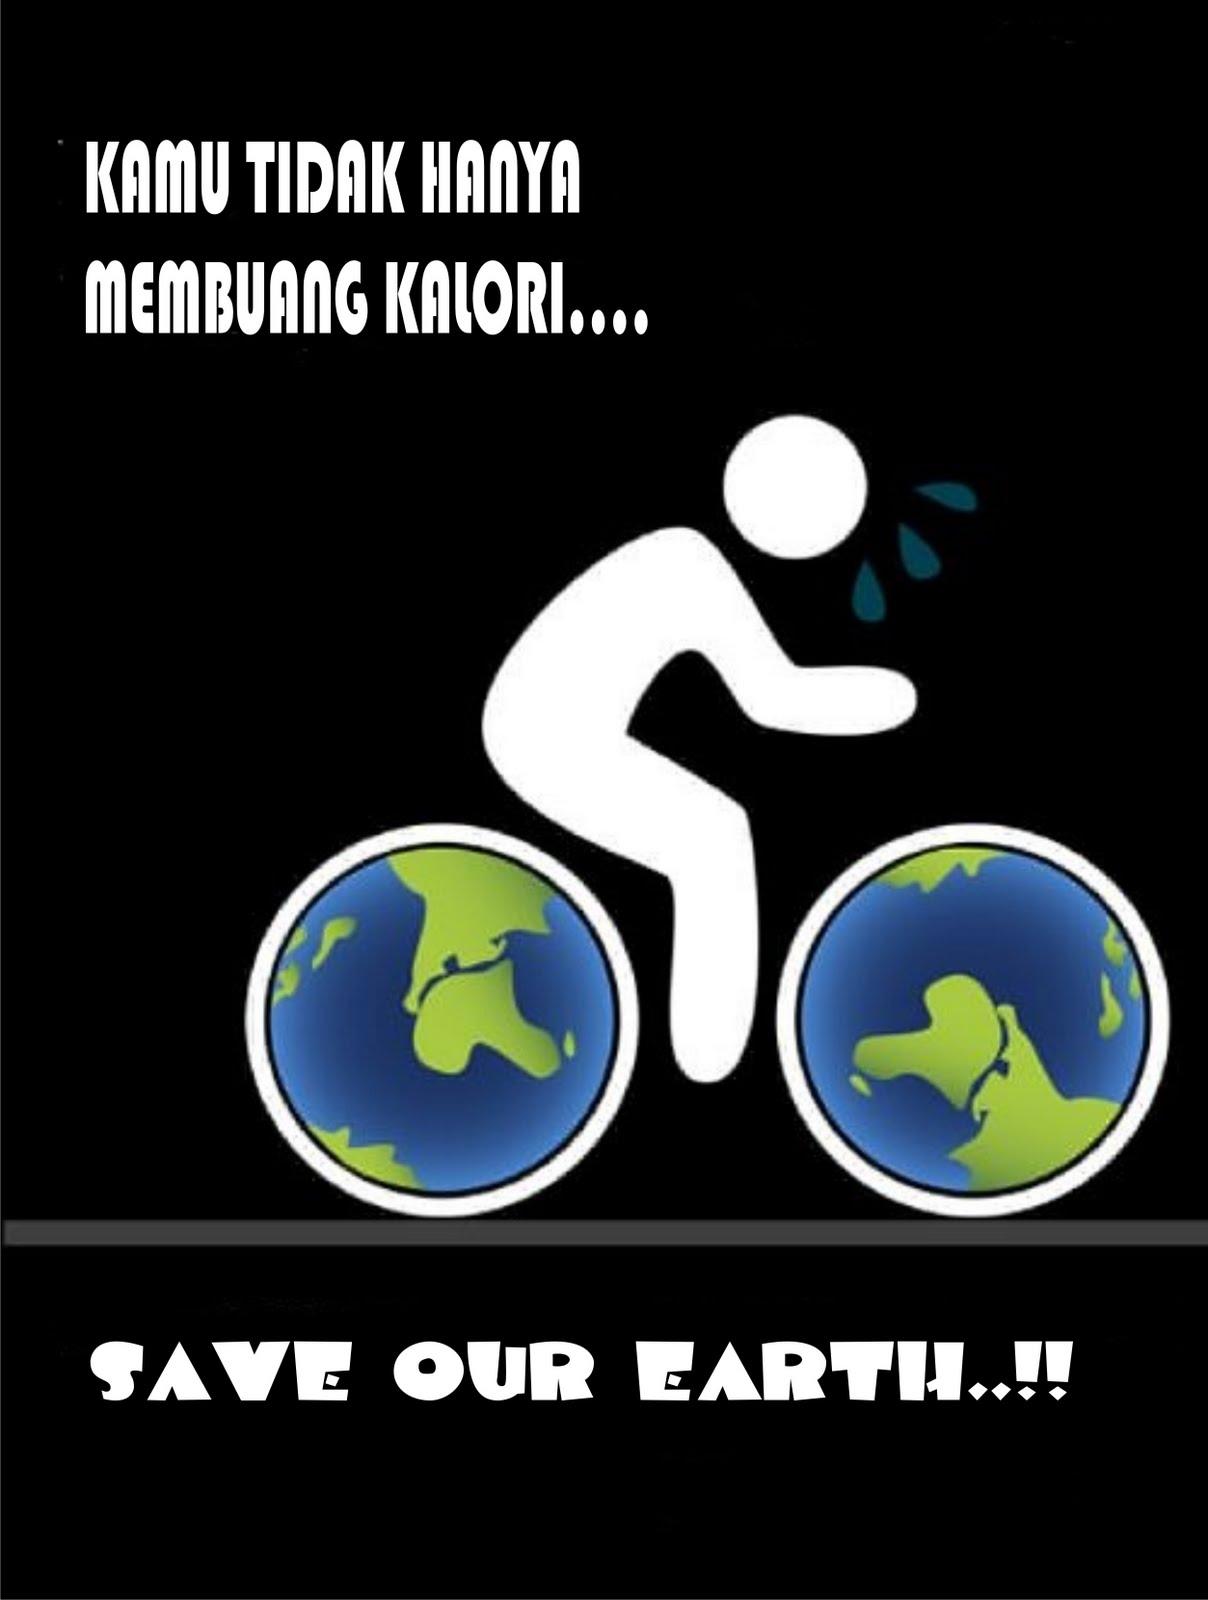 individu yang saya buat. Poster ini bertema tentang cinta lingkungan